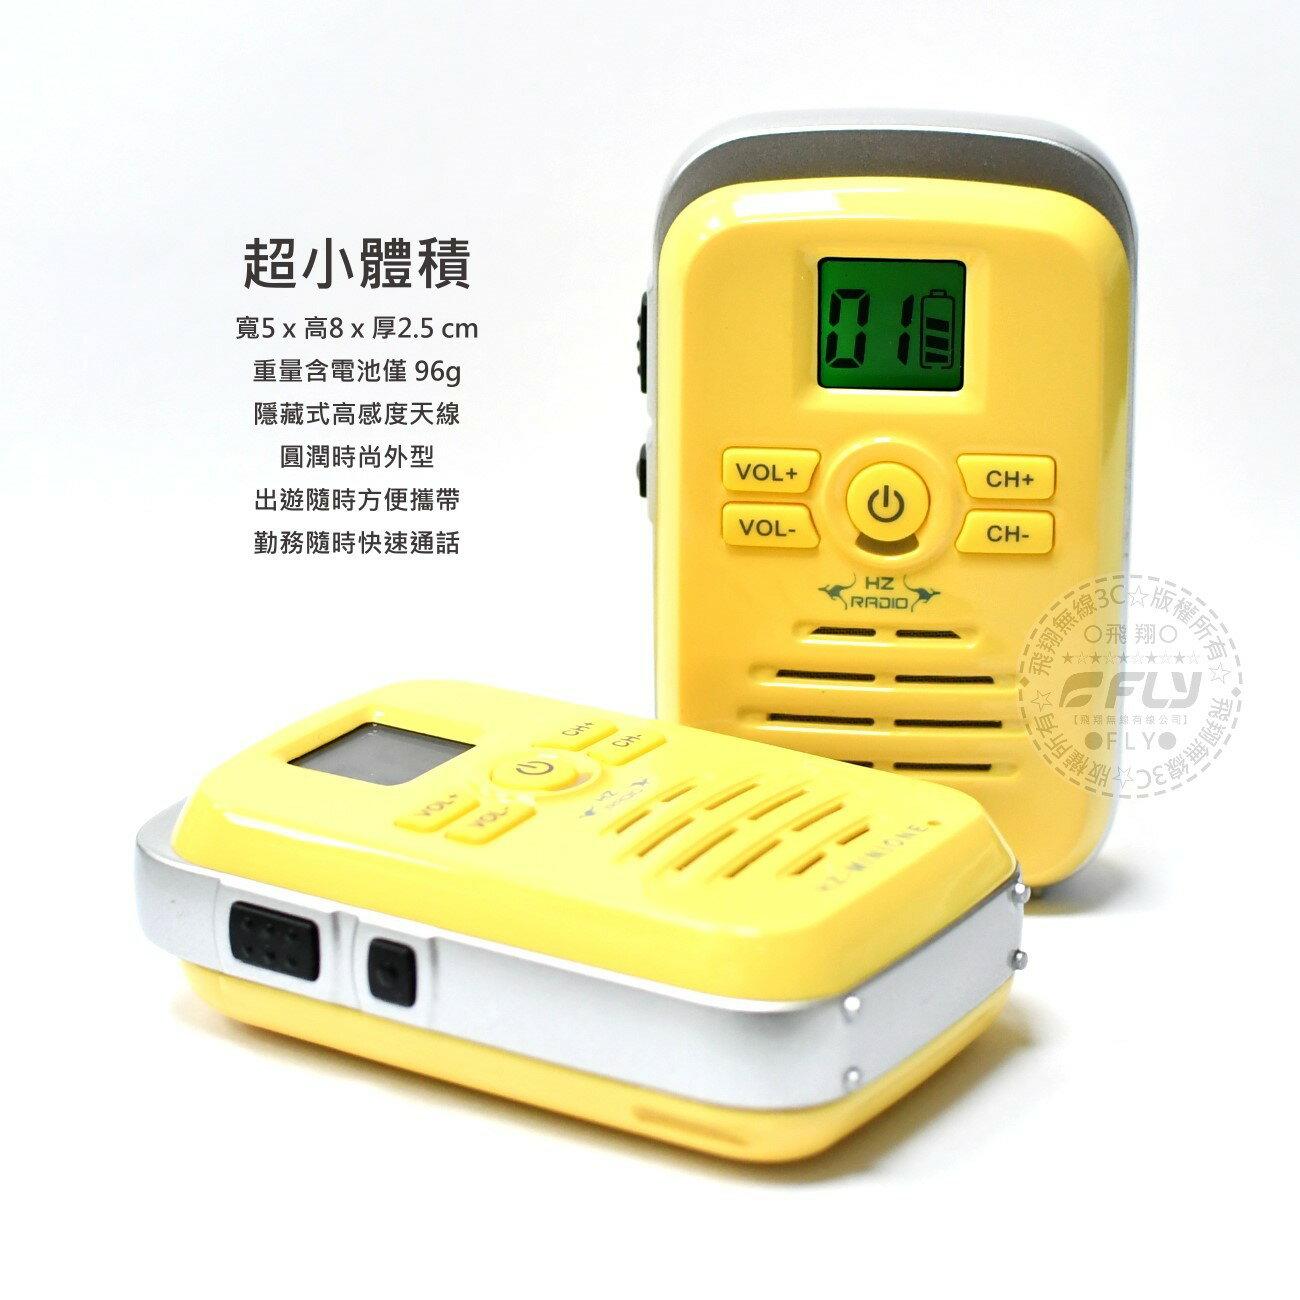 《飛翔無線3C》HZ RADIO HZ-MINI ONE 無線電超迷你手持對講機 一對盒裝│公司貨│2支 餐廳活動通話